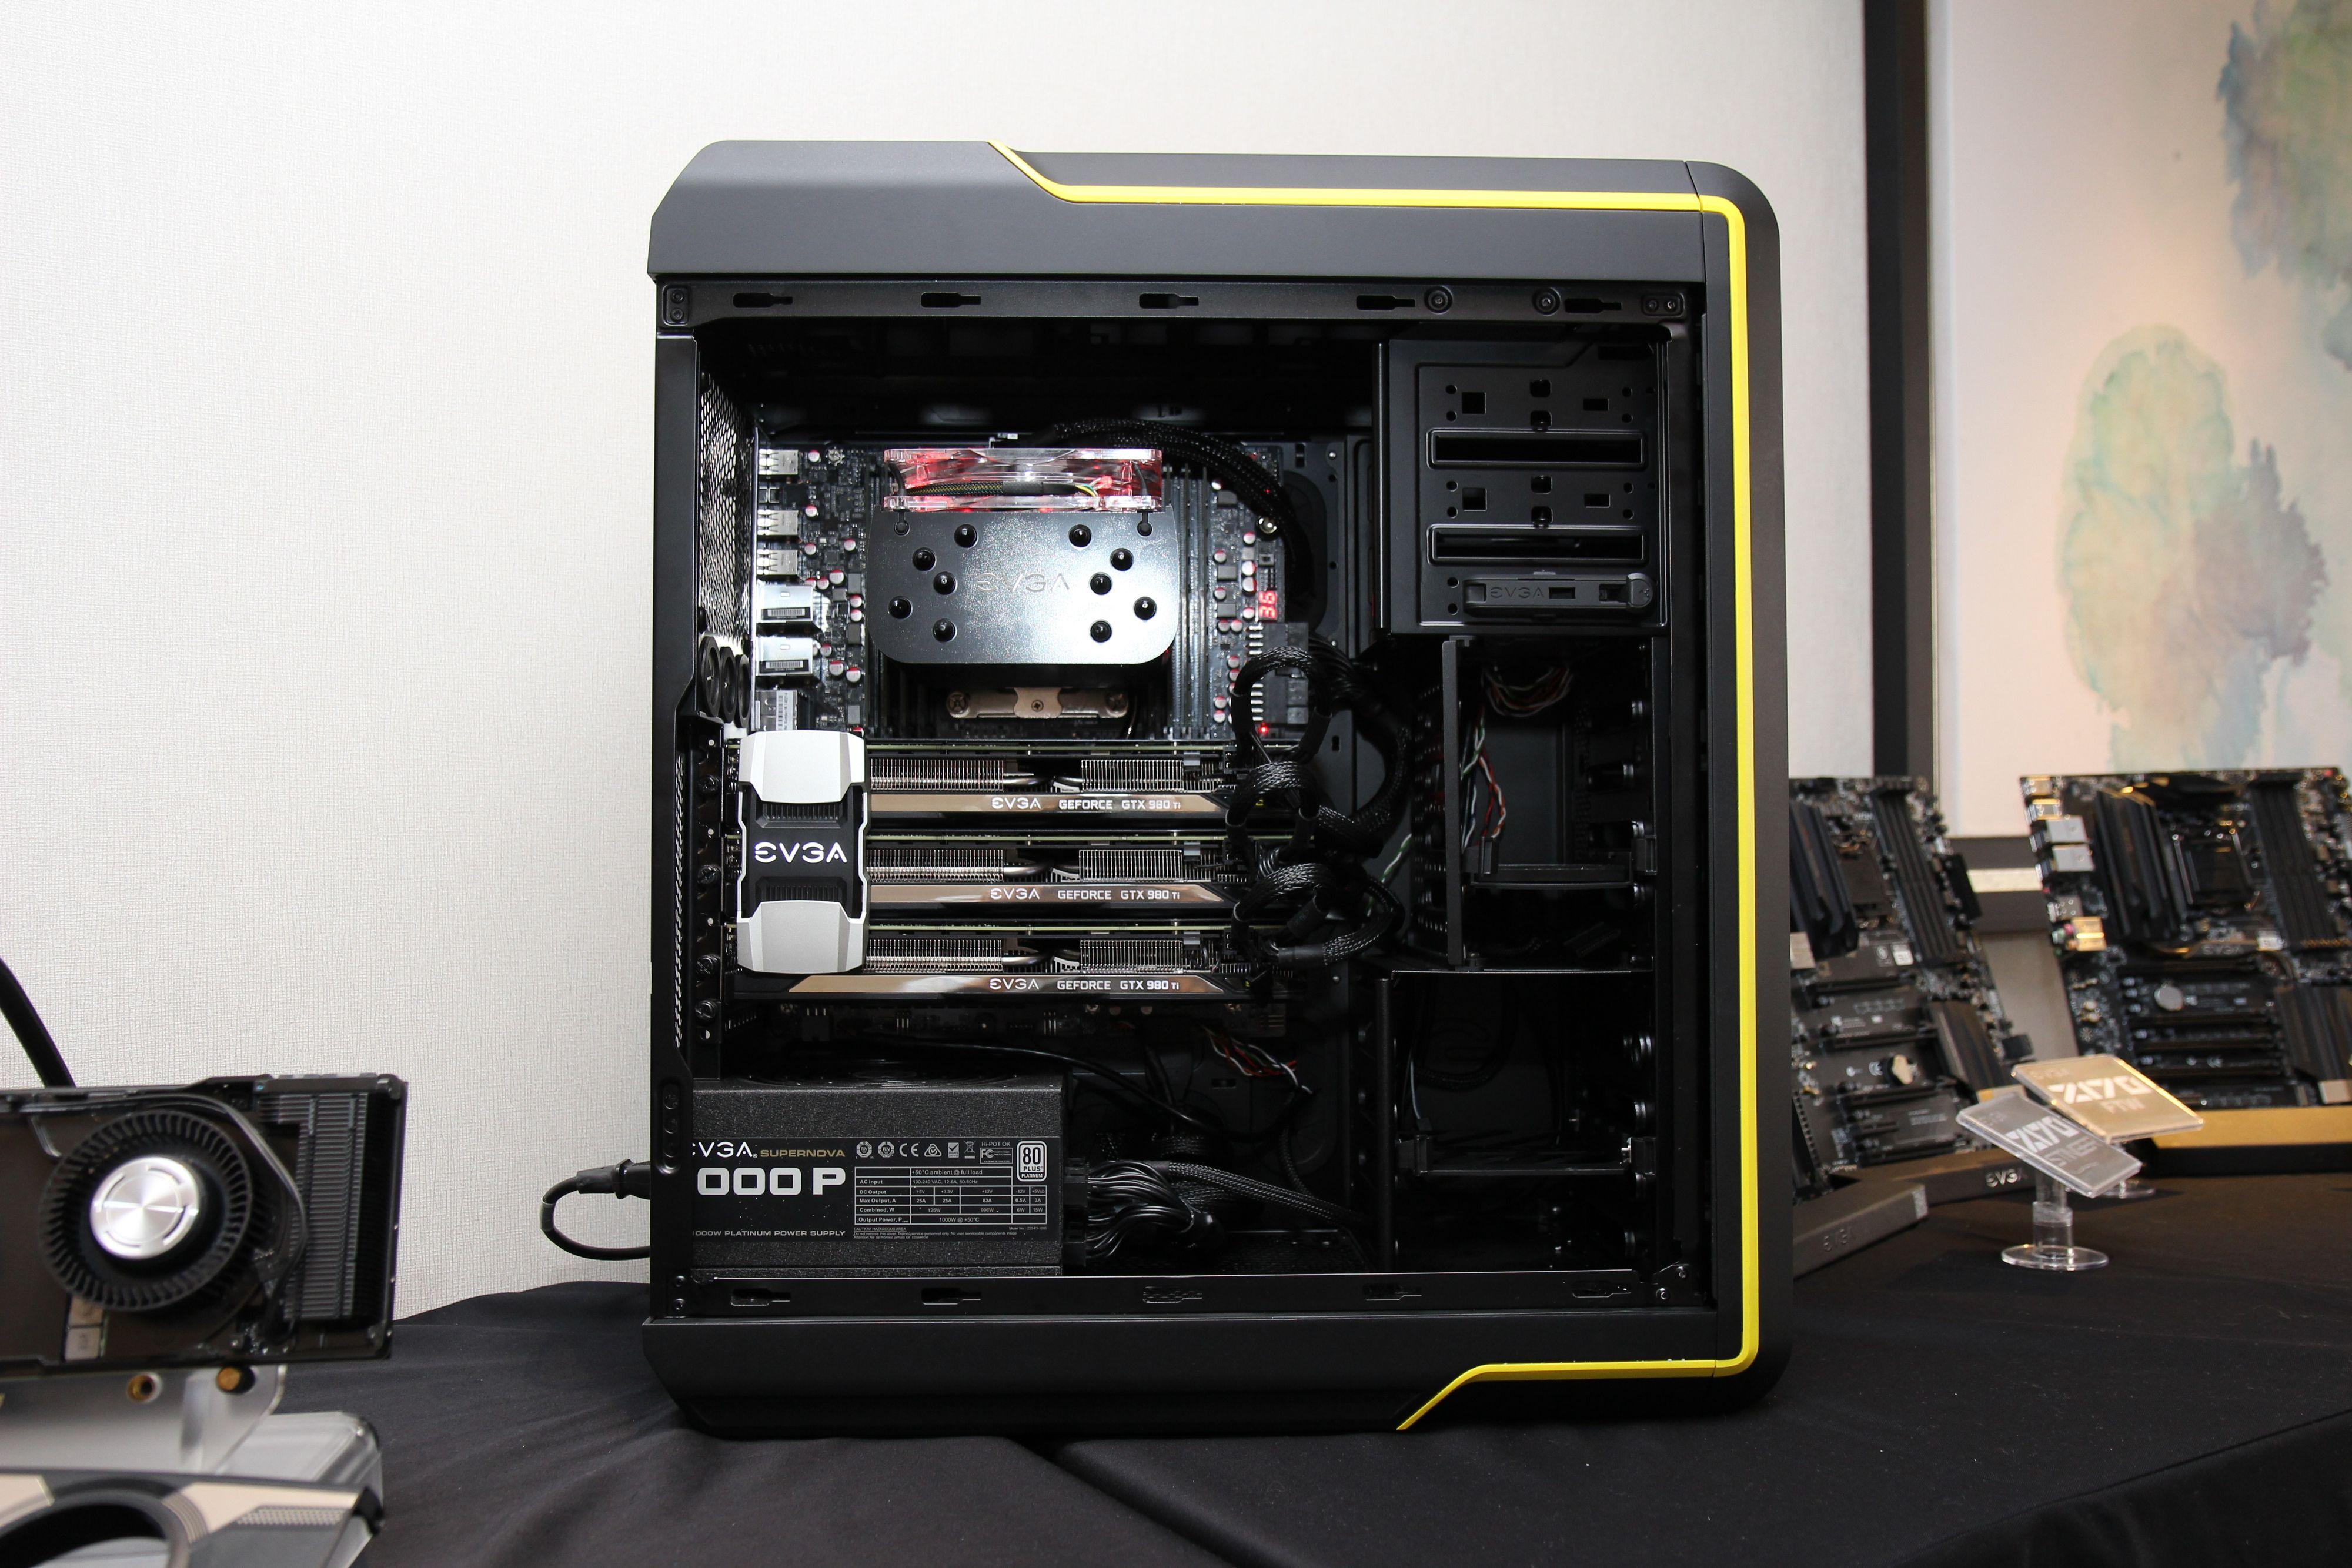 EVGA kommer også med et nytt gaming-kabinett. Det vil være mulig å bytte ut deler av chassiset, for eksempel om du ønsker en annen farge enn den gule på bildet. På bildet kan du også se EVGAs nye SLI-bro, med lys i EVGA-logoen. Foto: Kurt Lekanger, Tek.no